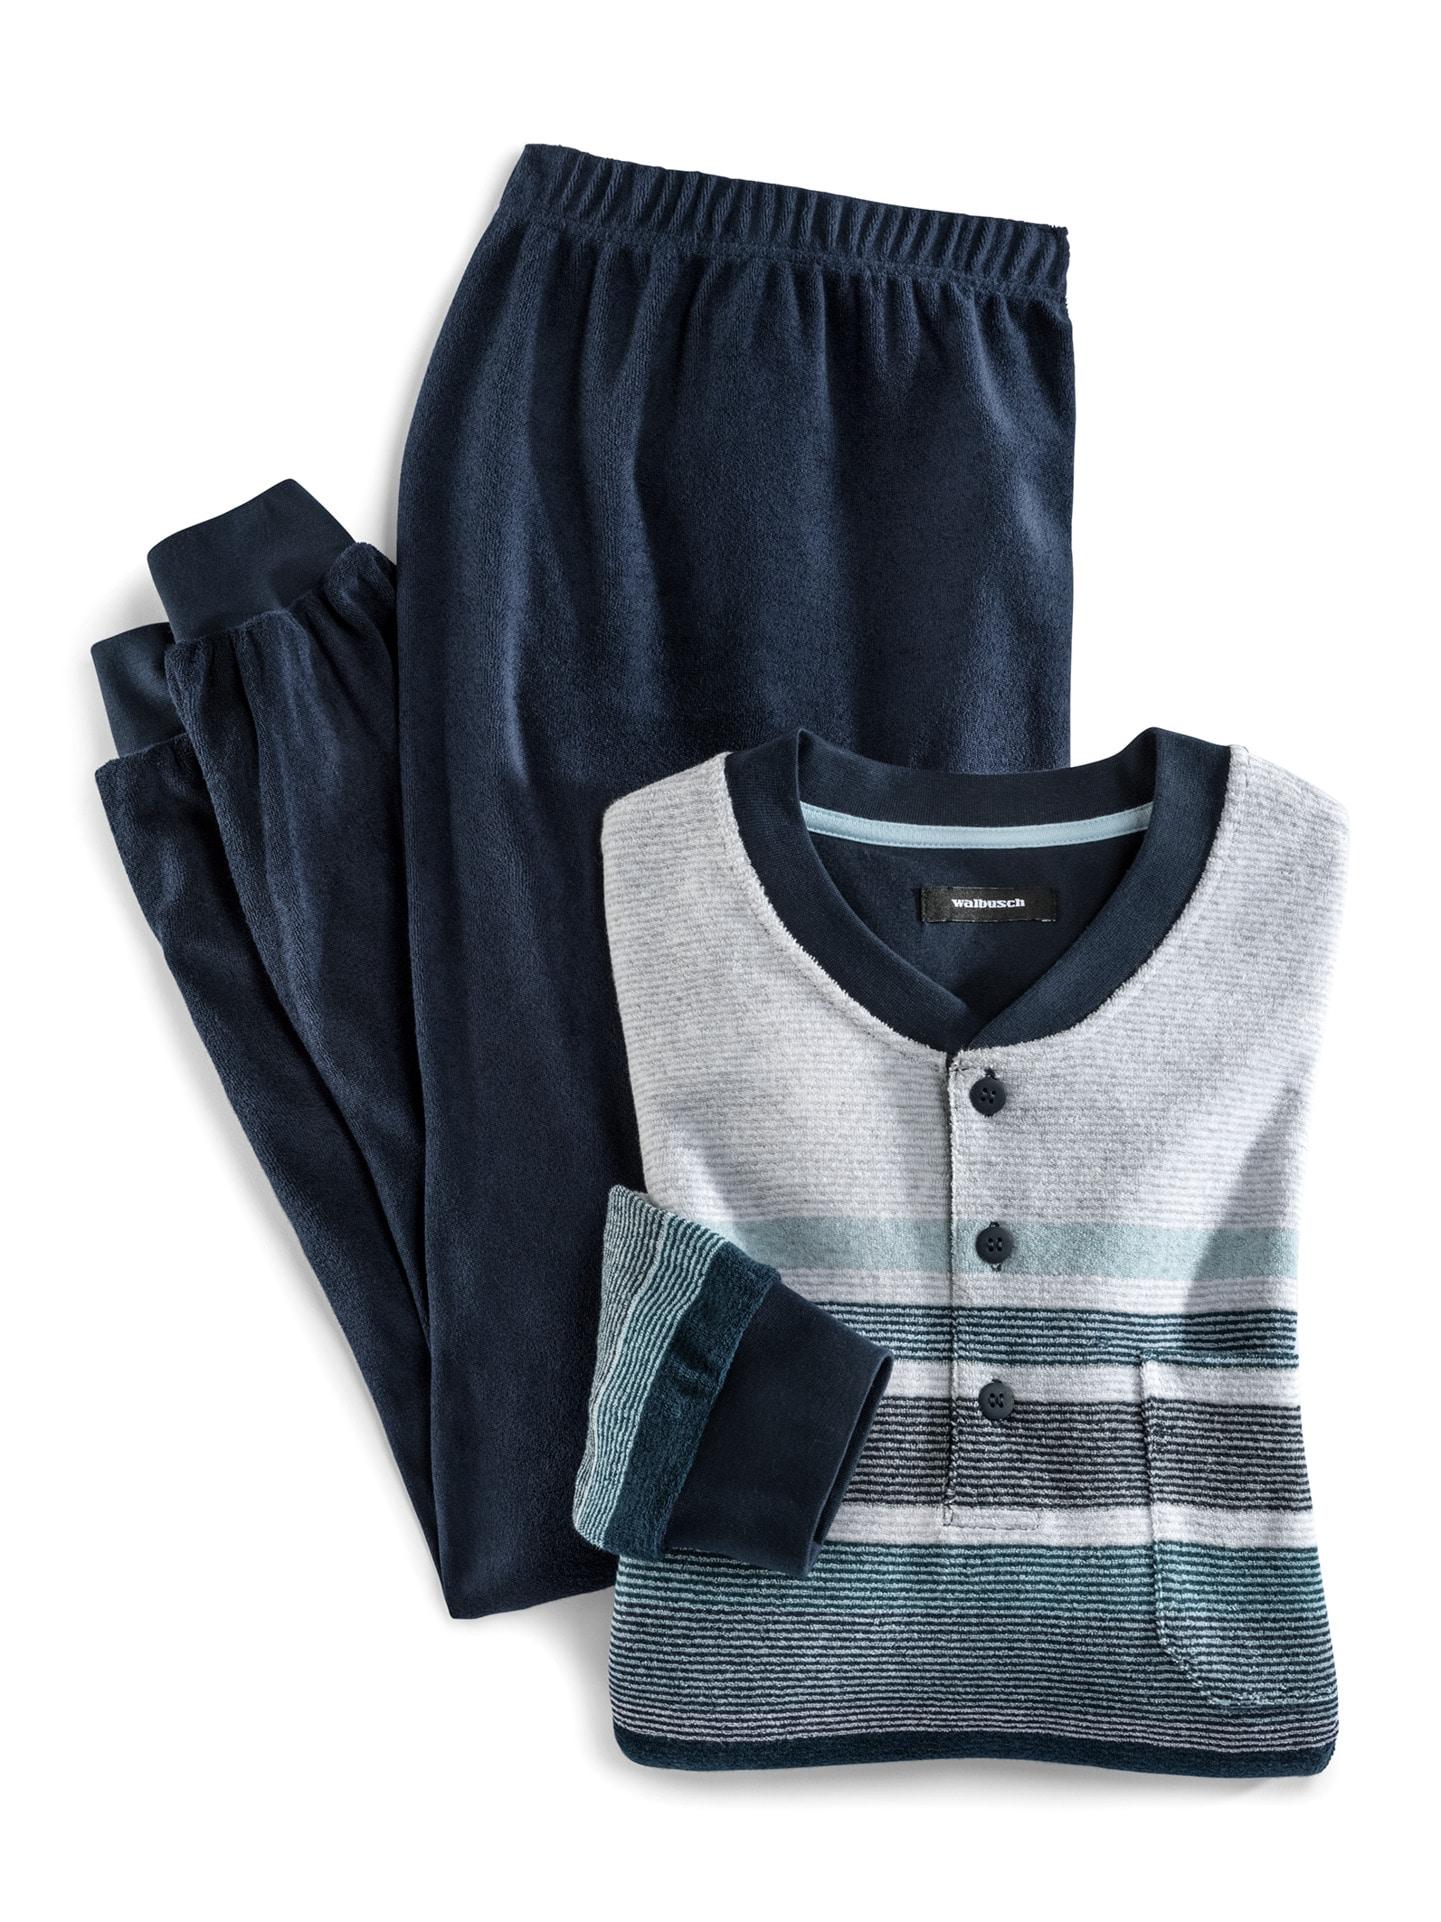 Walbusch Herren Pyjama Thermo Blau gestreift wärmend 48, 50, 52, 54, 56, 58/60, 62/64 22-1835-9_MV8880